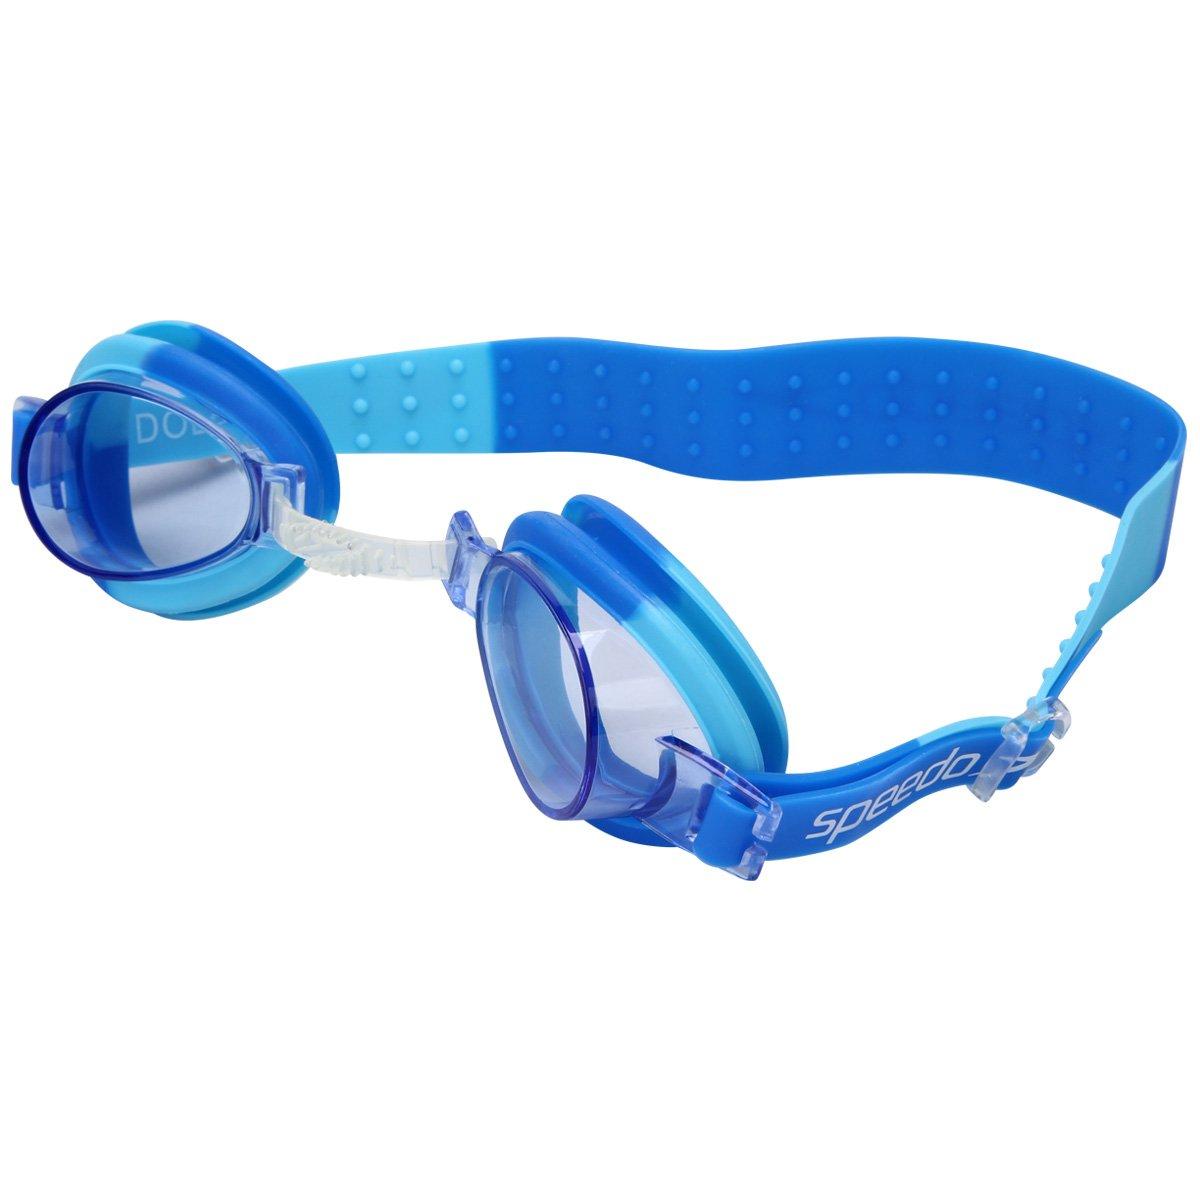 Kit Óculos + Touca Fish Combo - Speedo - Amarelo e Azul - Compre ... 33da066d1f448